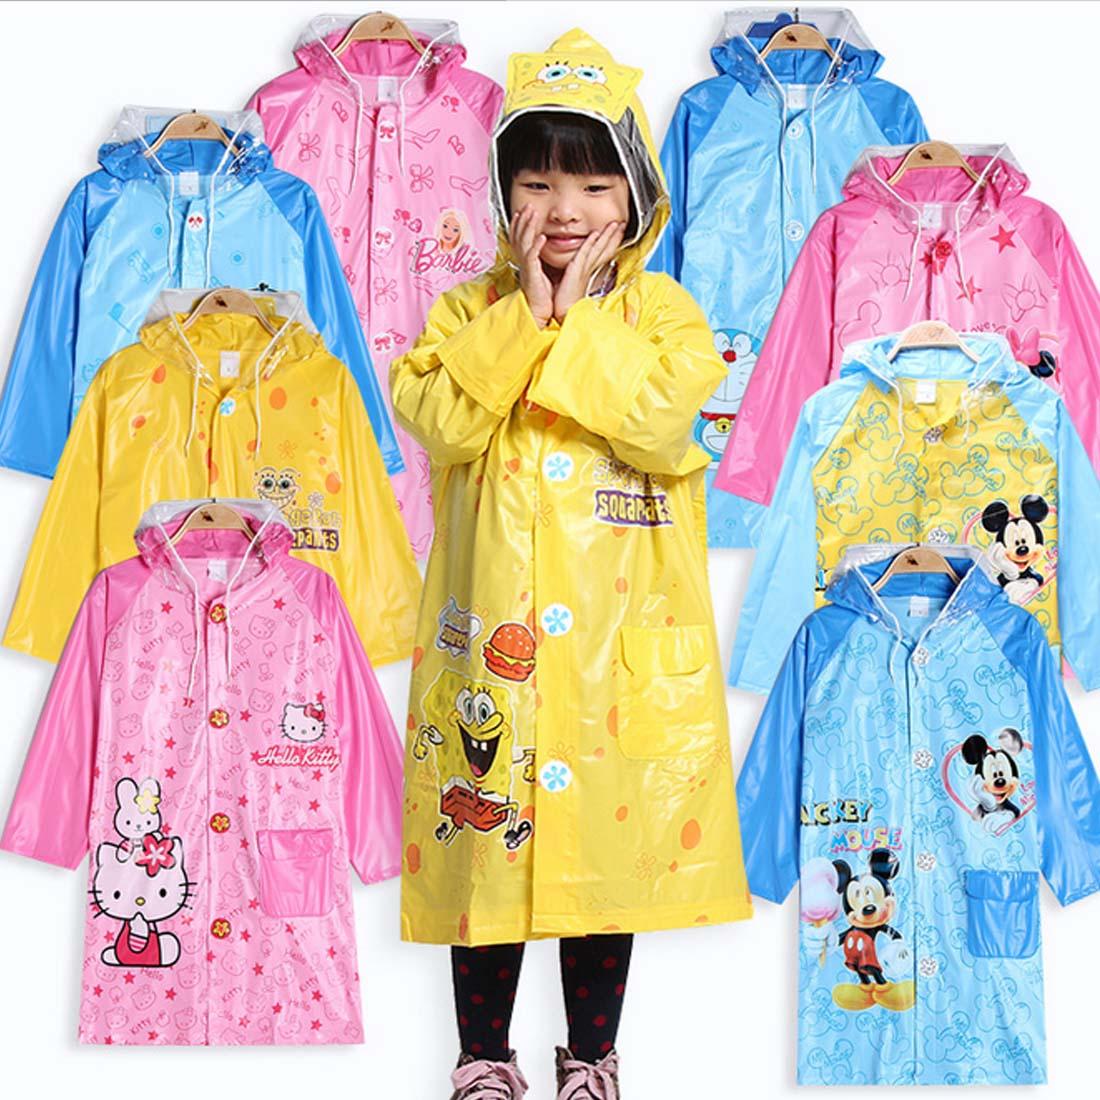 New kids rain coat children raincoat waterproof cartoon rainwear unisex child rainsuit carton rainsuit(China (Mainland))